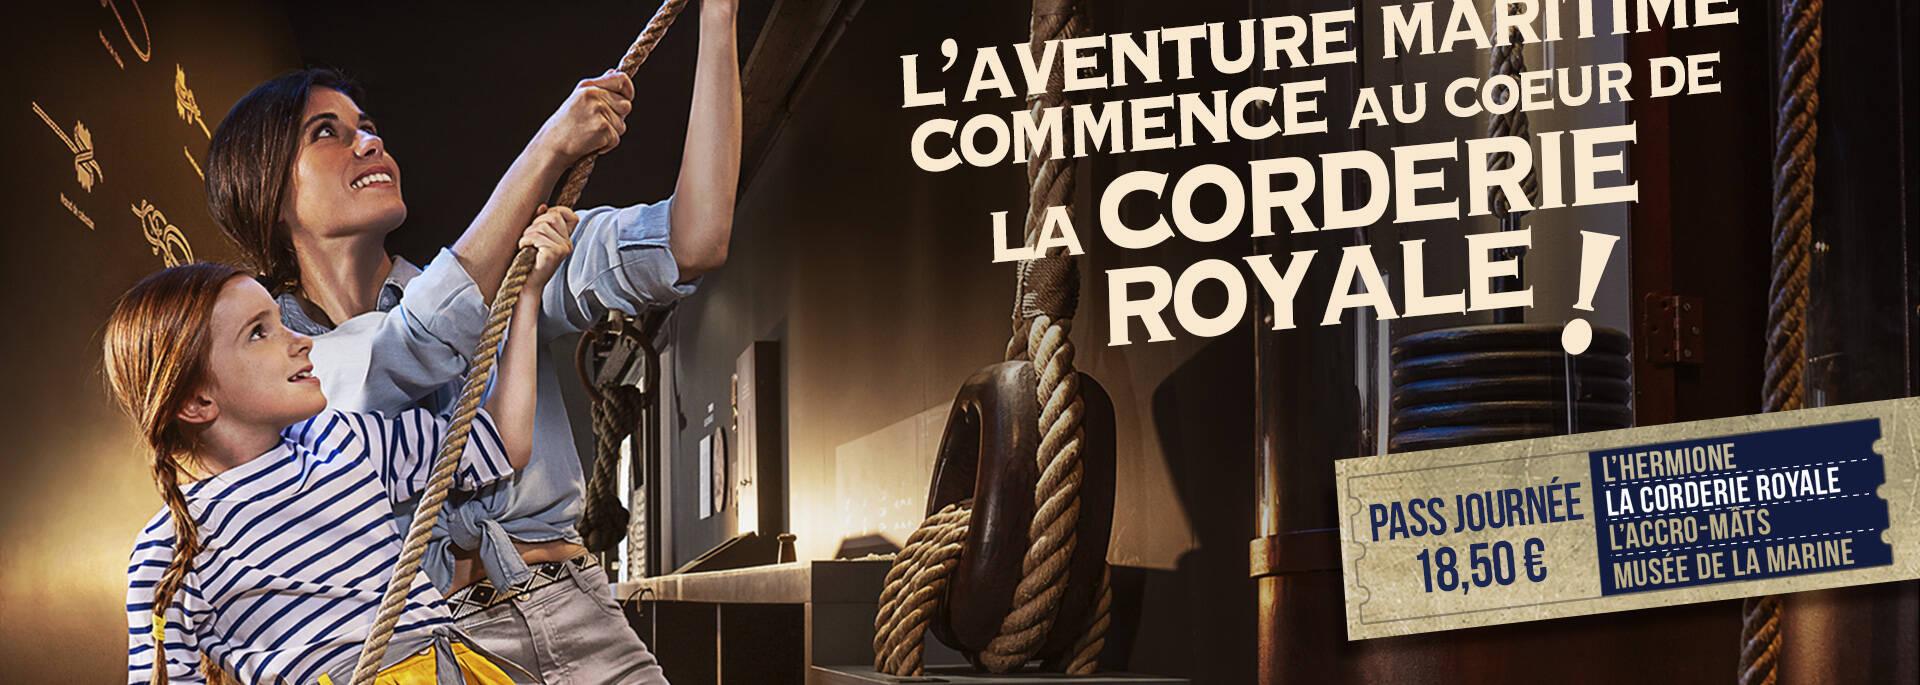 L'Arsenal des mers avec la découverte de la Corderie Royale ©LWMR